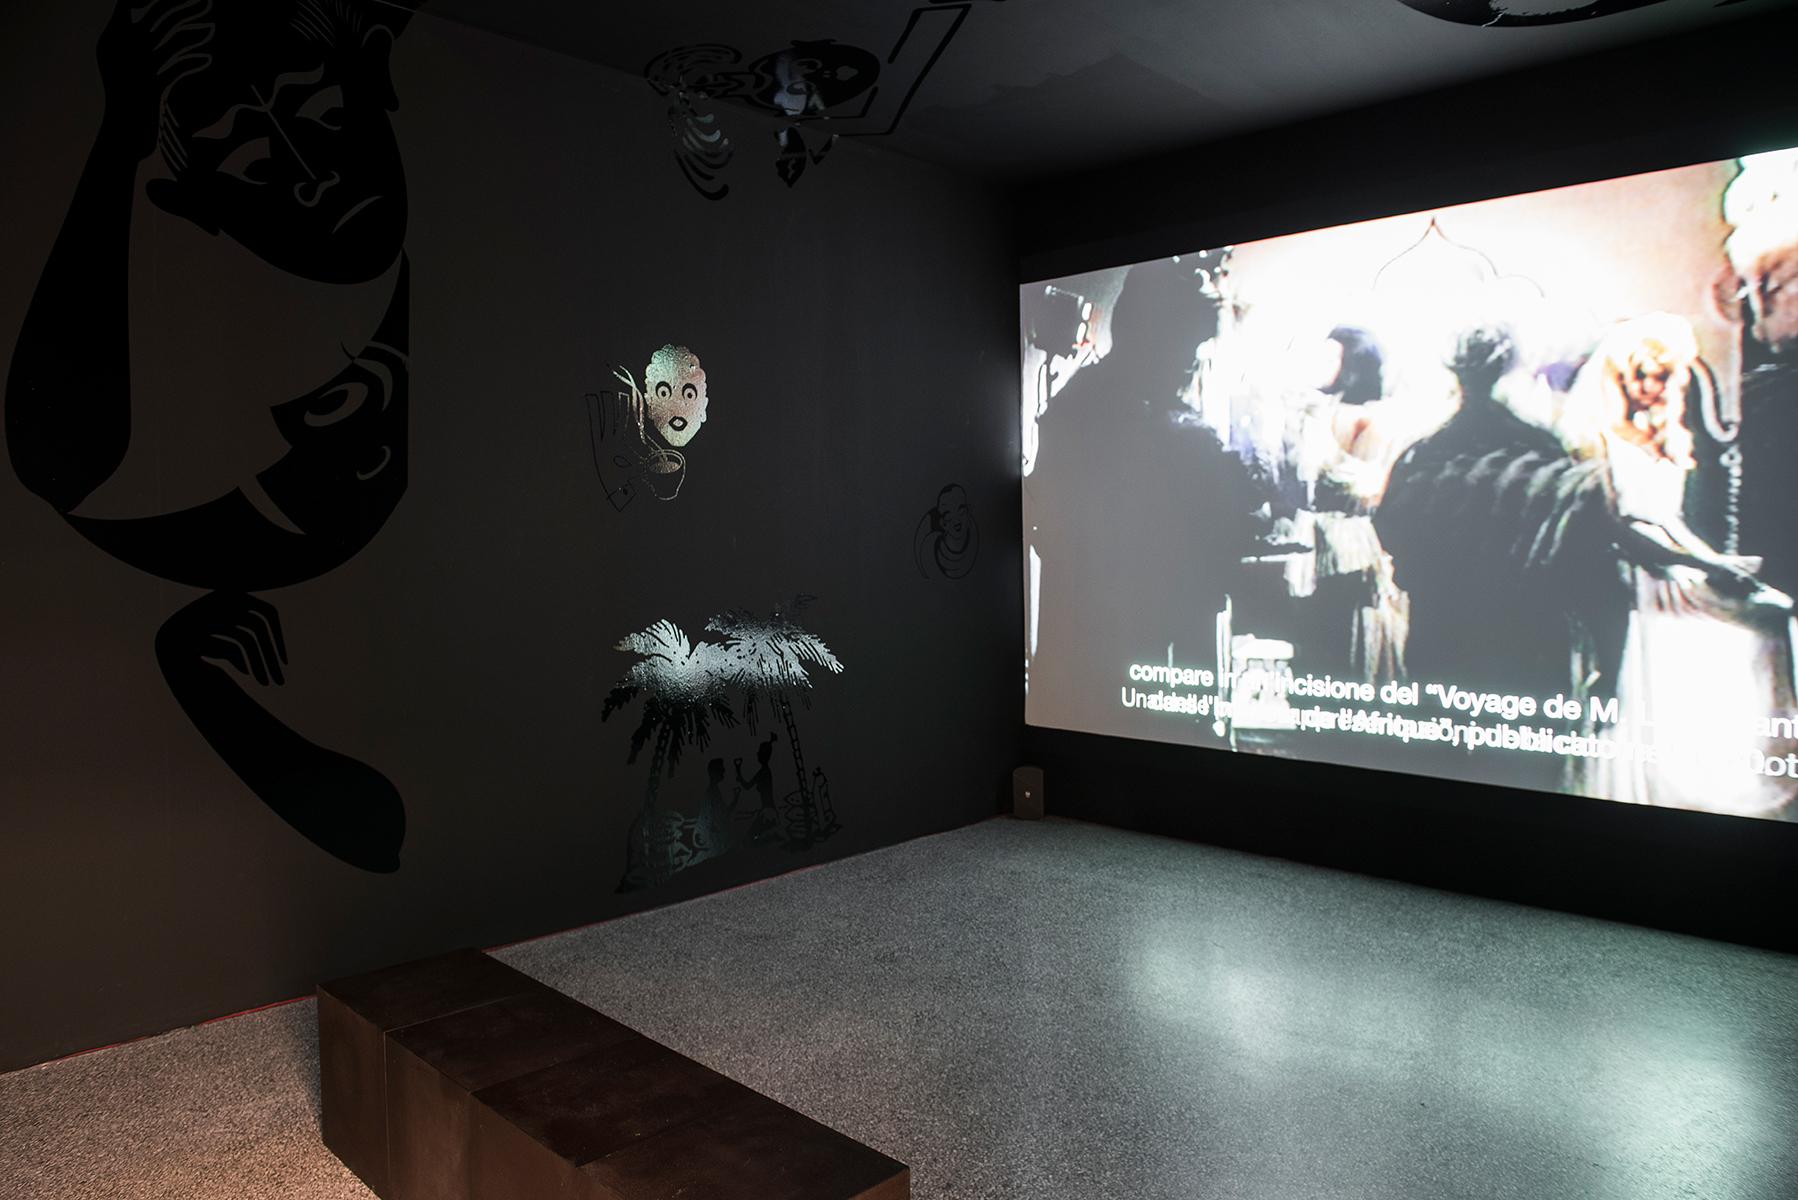 Le opere Malù – lo stereotipo della Venere Nera in Italia, 2015 e Tabù, 2016 degli Invernomuto, che entreranno in collezione Museion